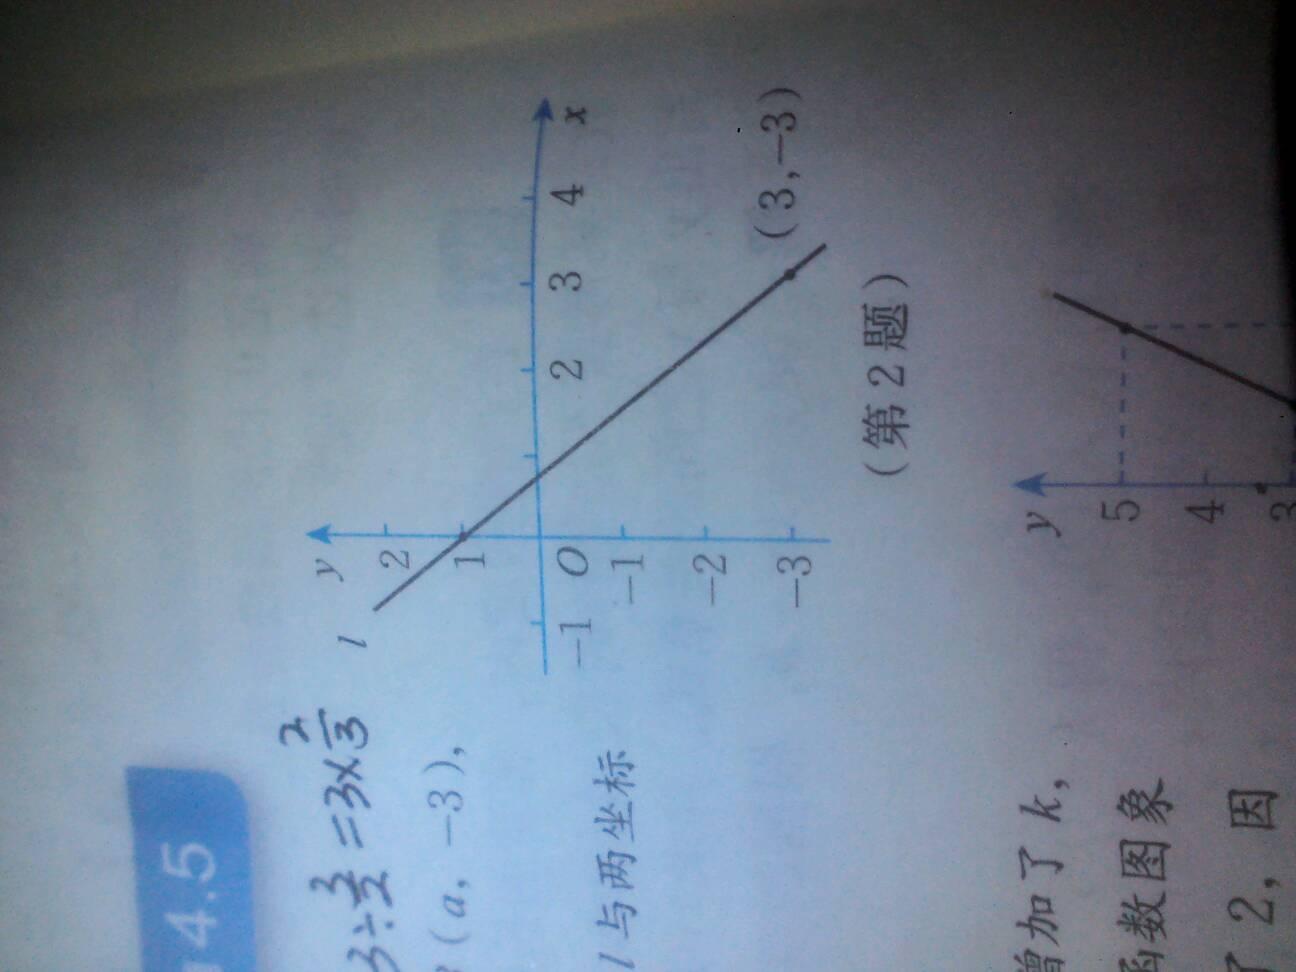 月经量��l$y�#�.b:,��!_如图,直线l是一次函数y=kx+b的图像,求l与两坐标轴所围成的三角形的